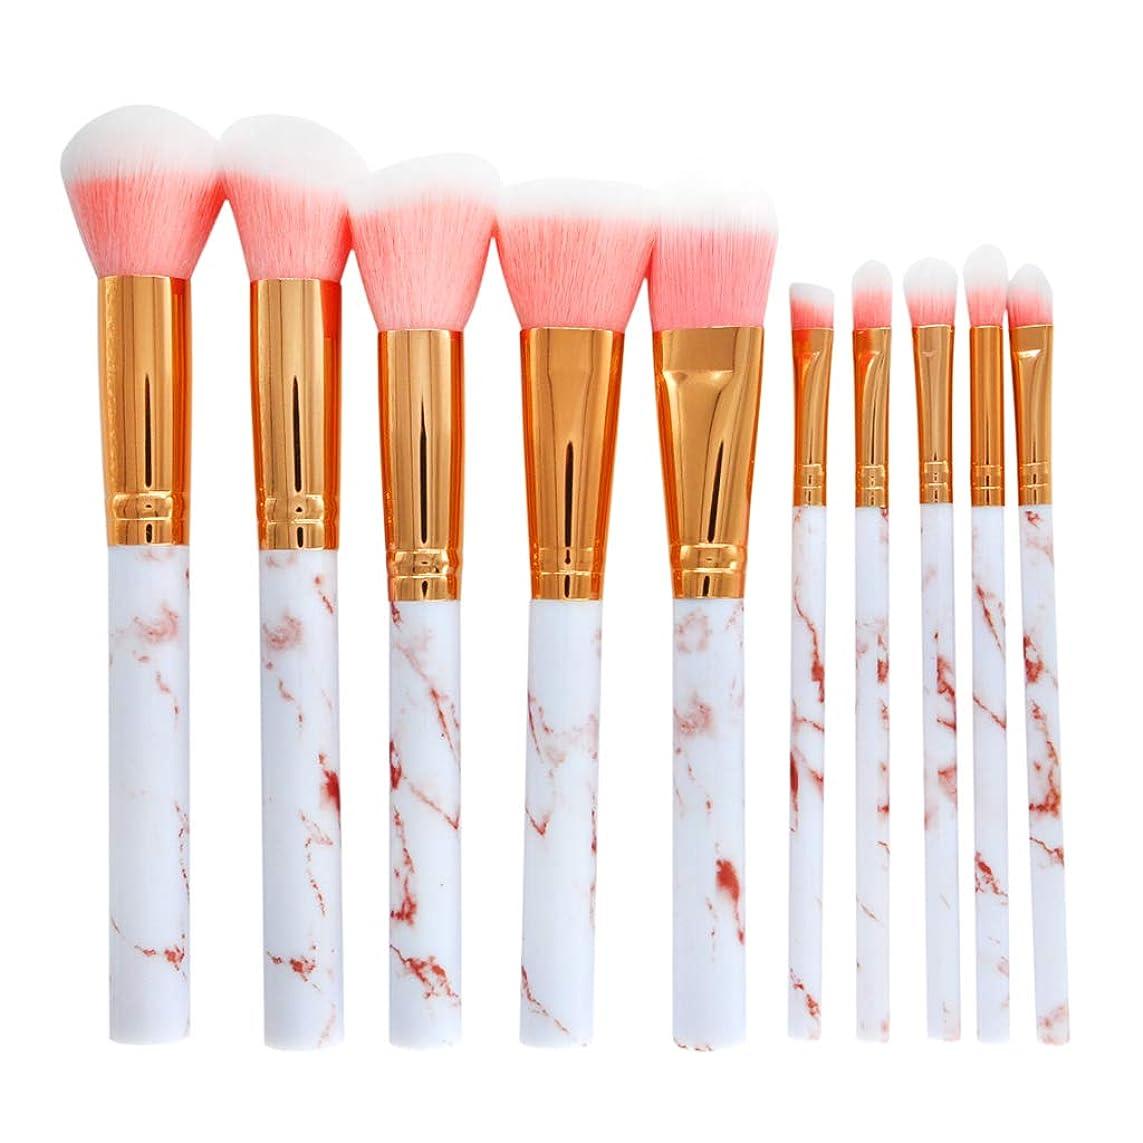 位置するくさびまた明日ねB Blesiya 10本 メイクブラシ ファンデーション クリーム メイクツール 大理石 化粧ブラシ 3色選べ - ピンク